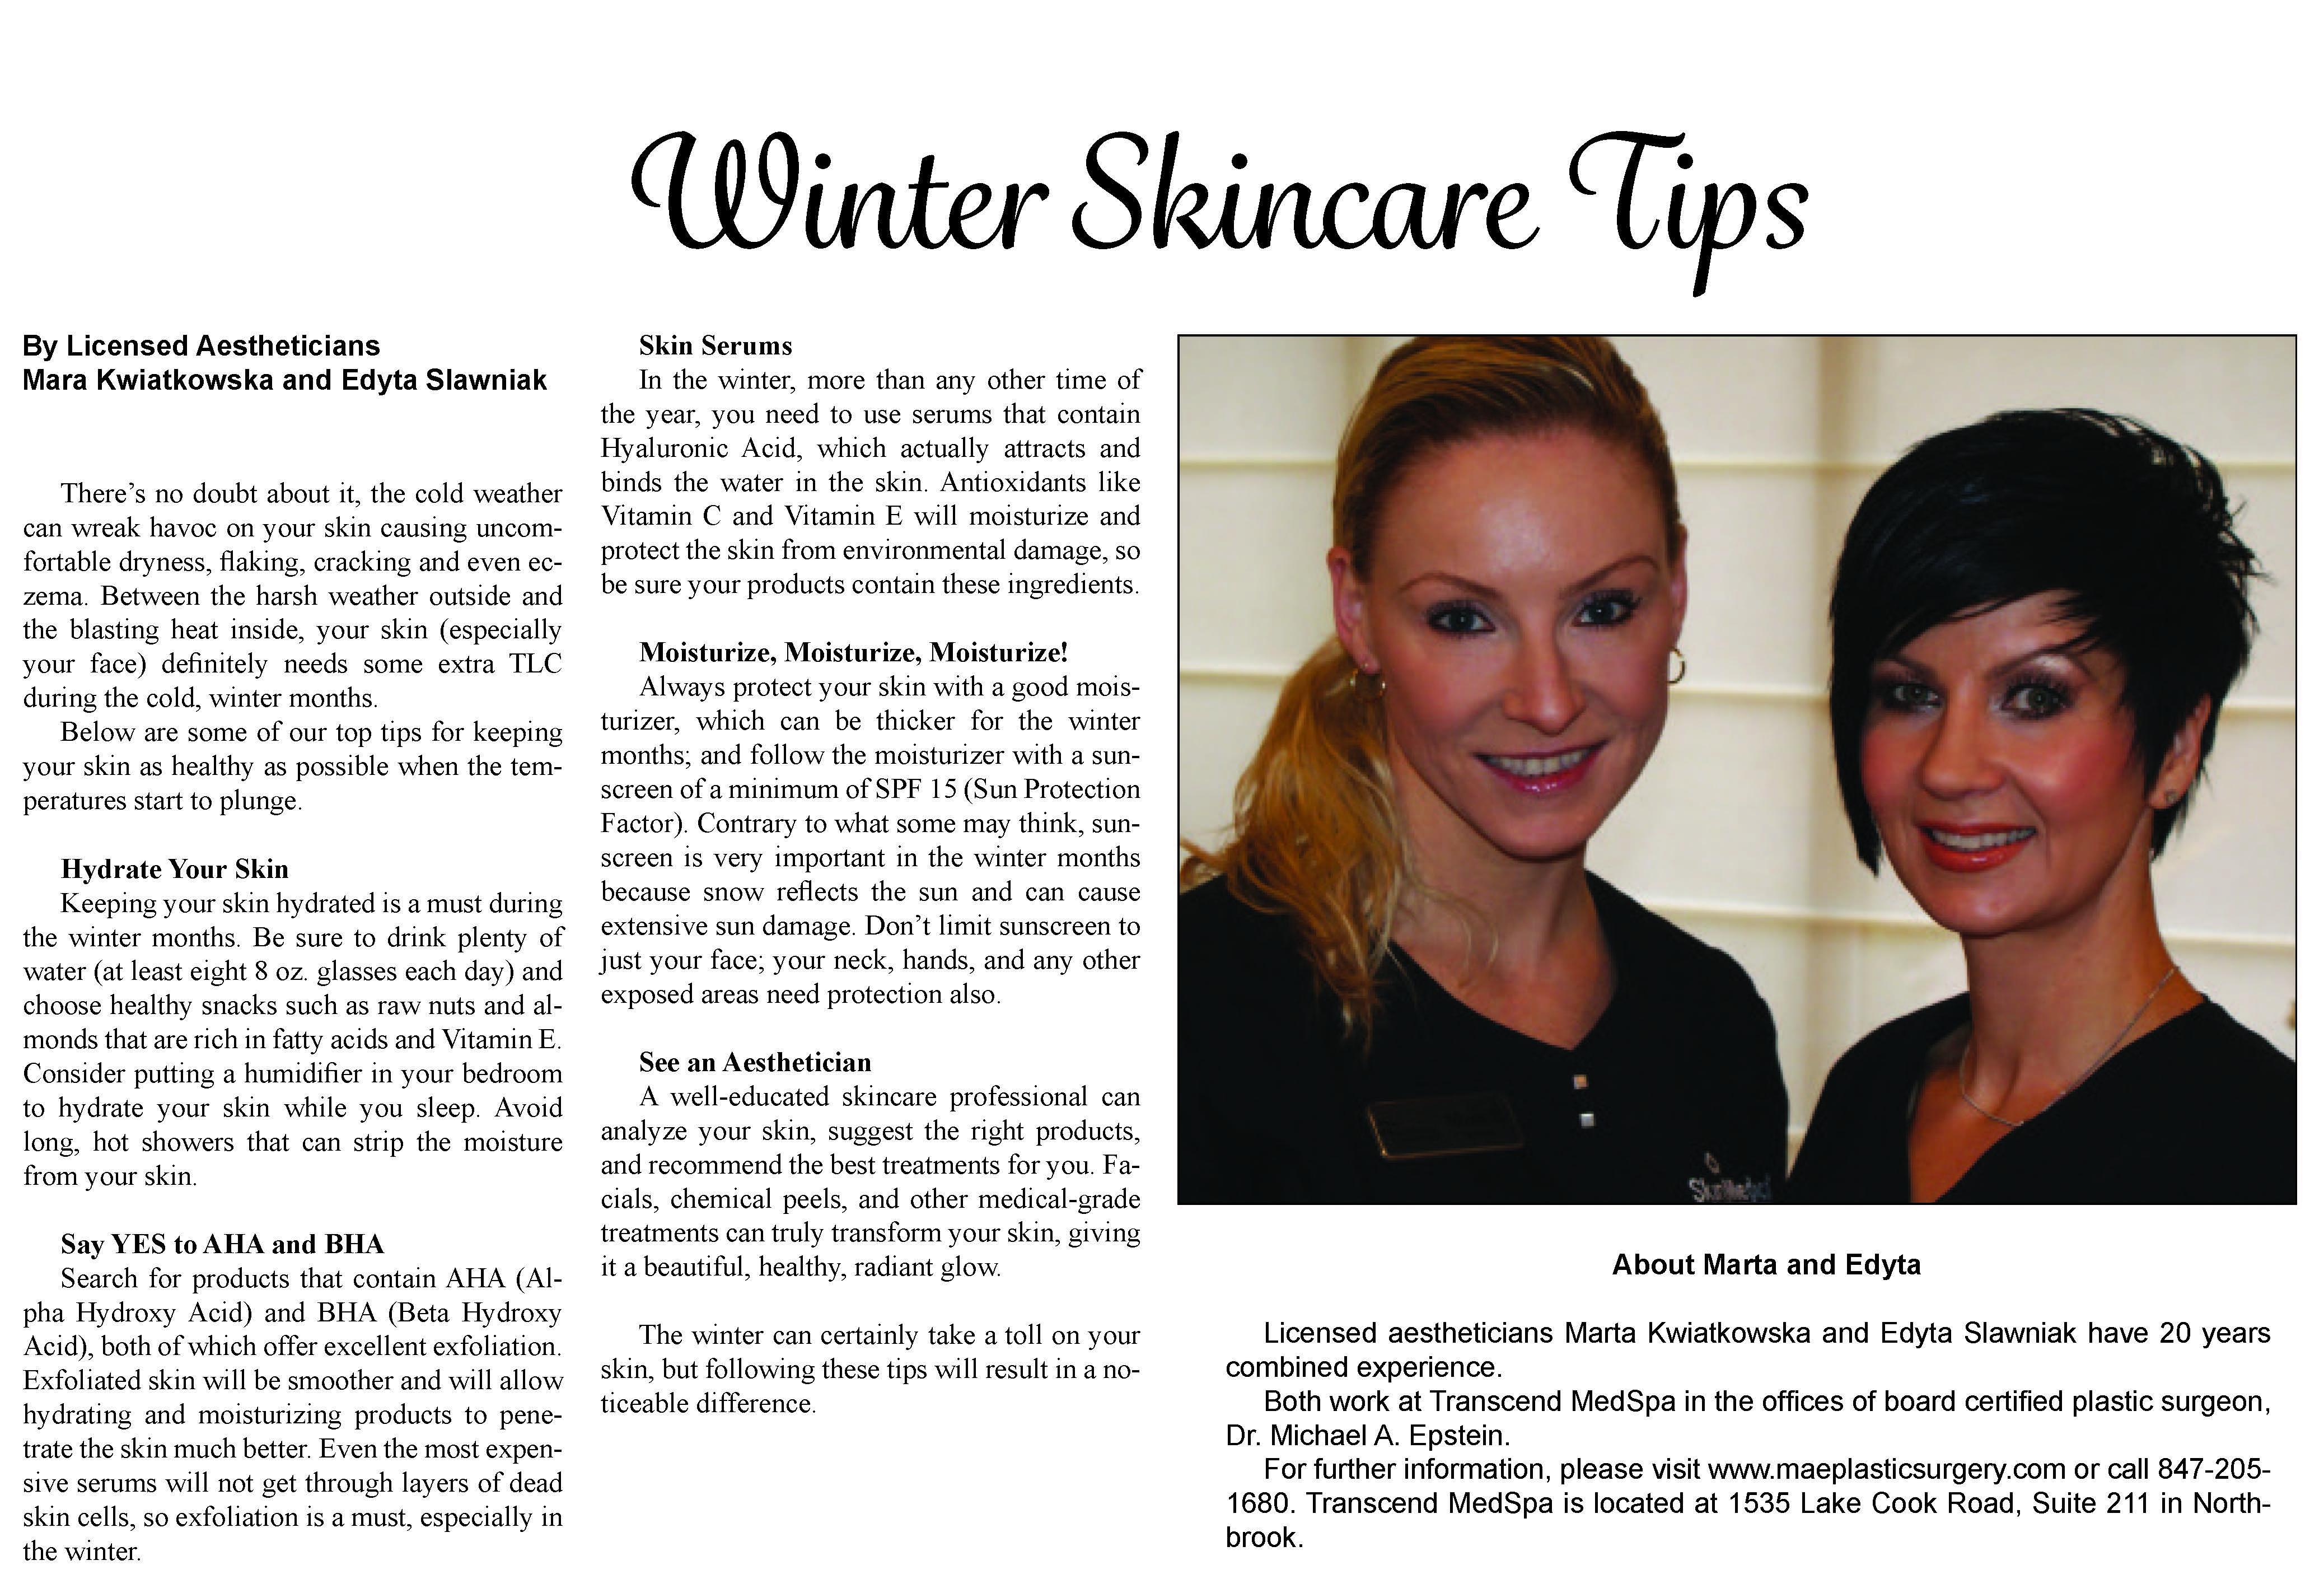 Med Spa Chicago Winter Skincare Tips